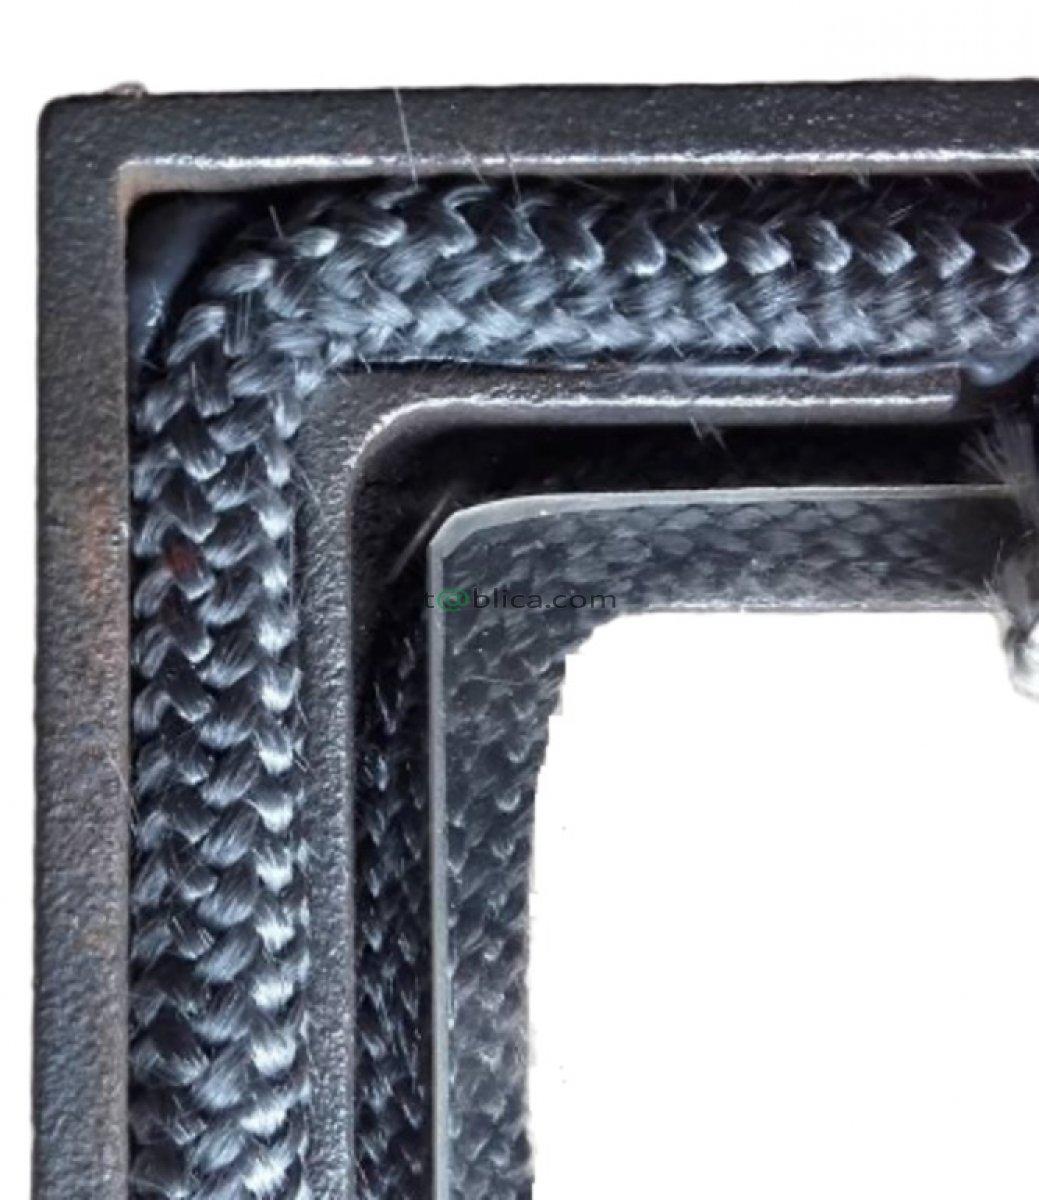 ZESTAW NAPRAWCZY USZCZELKA DO PIECA 8mm